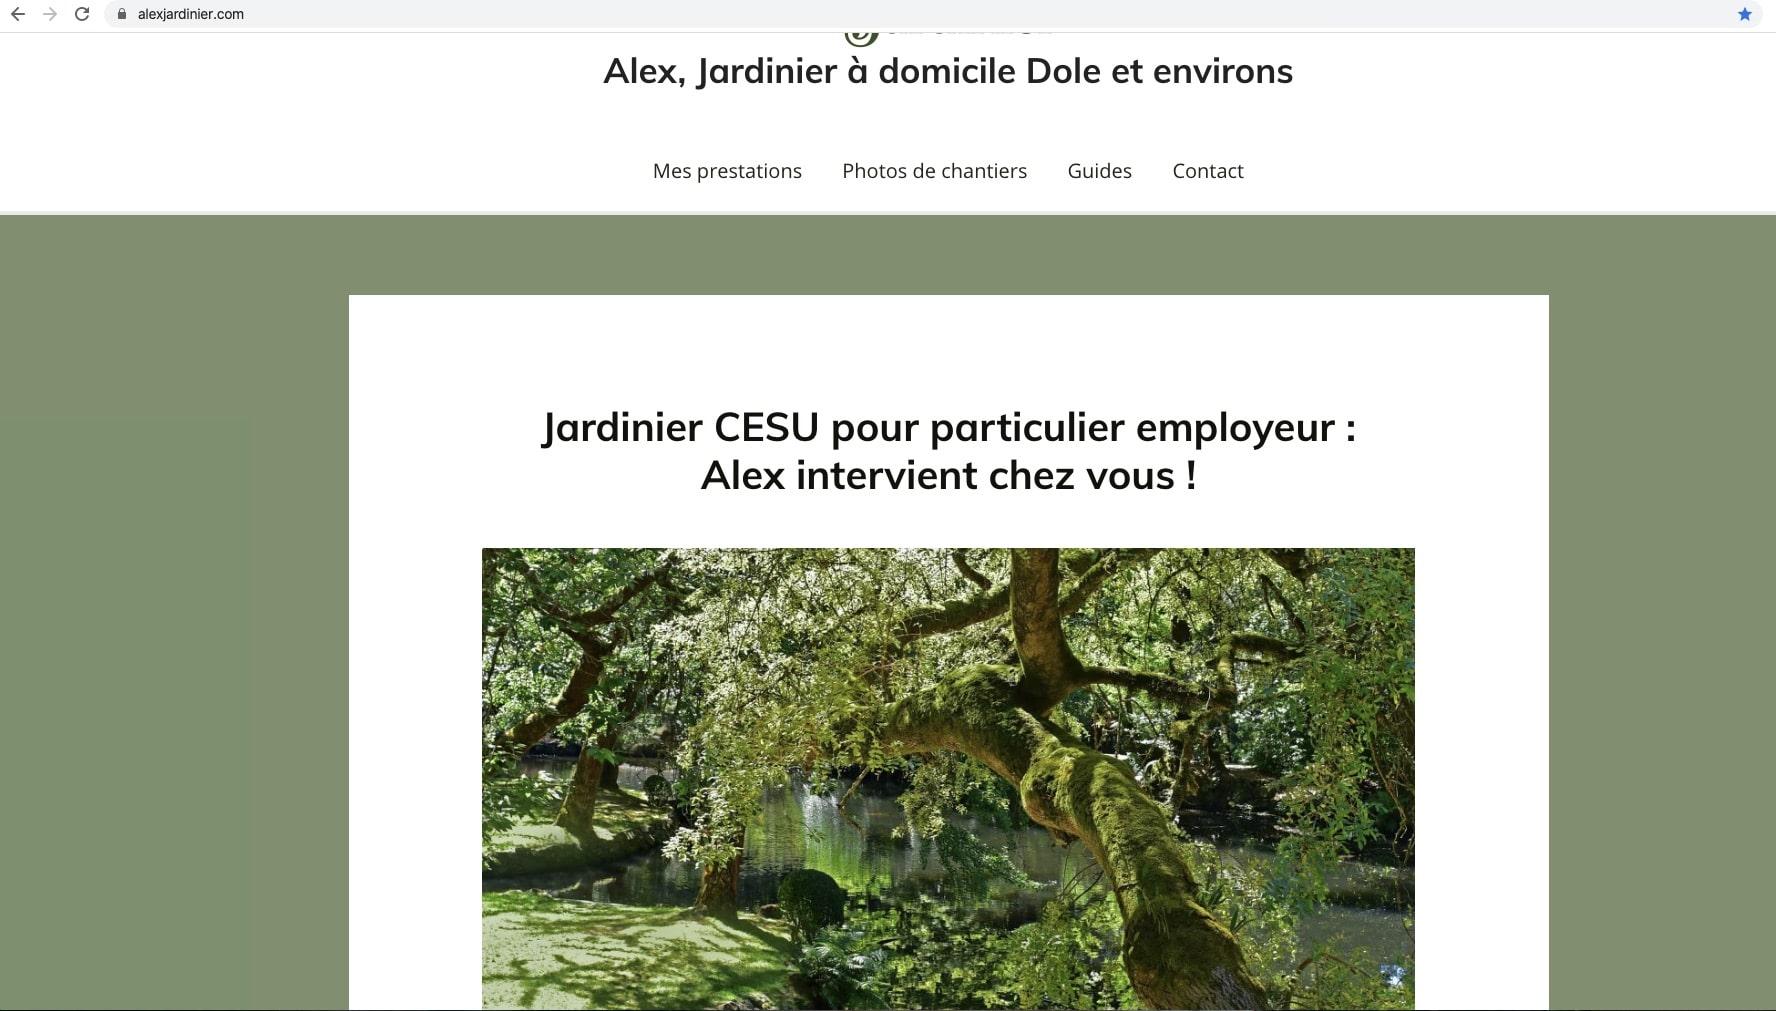 Extrait de la page d'accueil du site internet alexjardinier.com